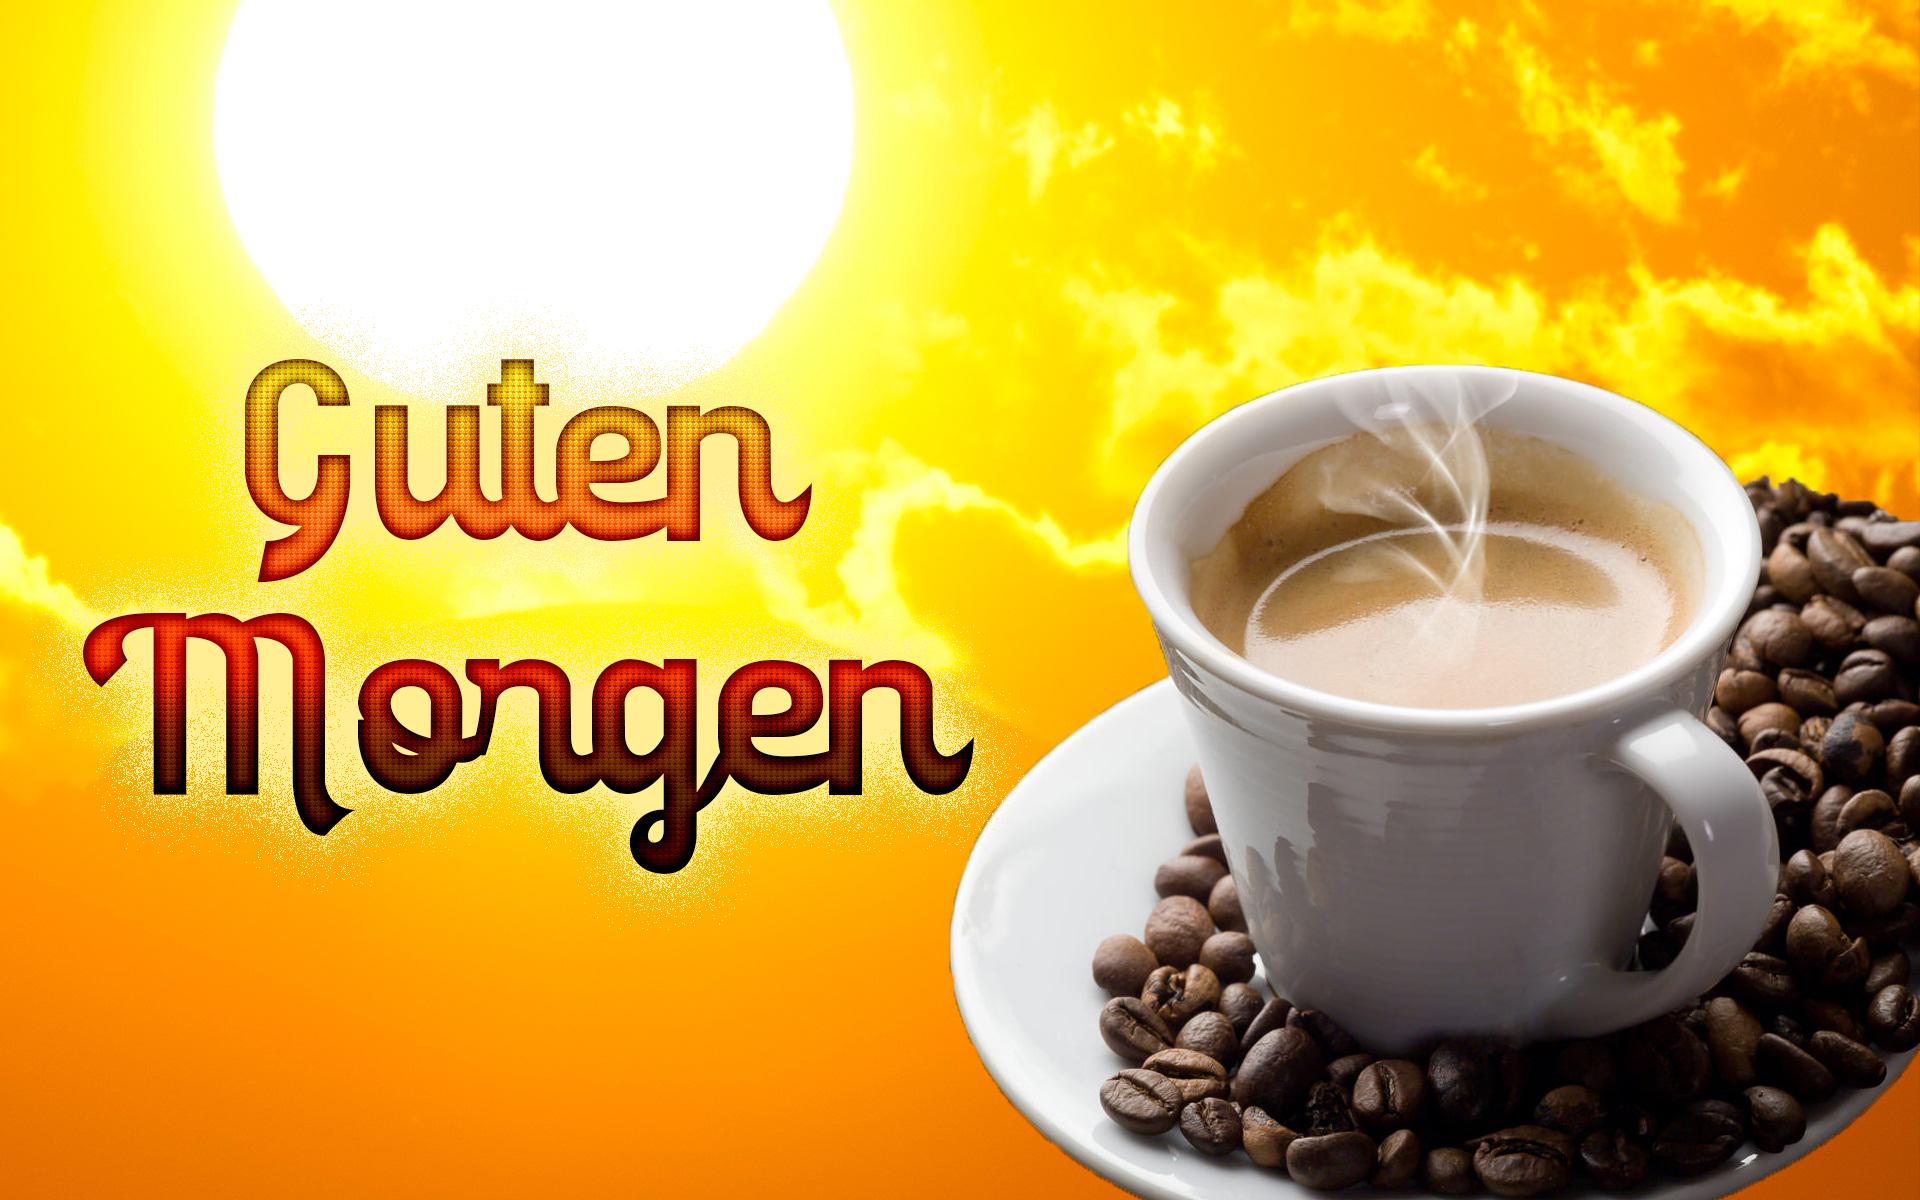 Schöne Bilder von Guten Morgen Wünschen. Große Sammlung